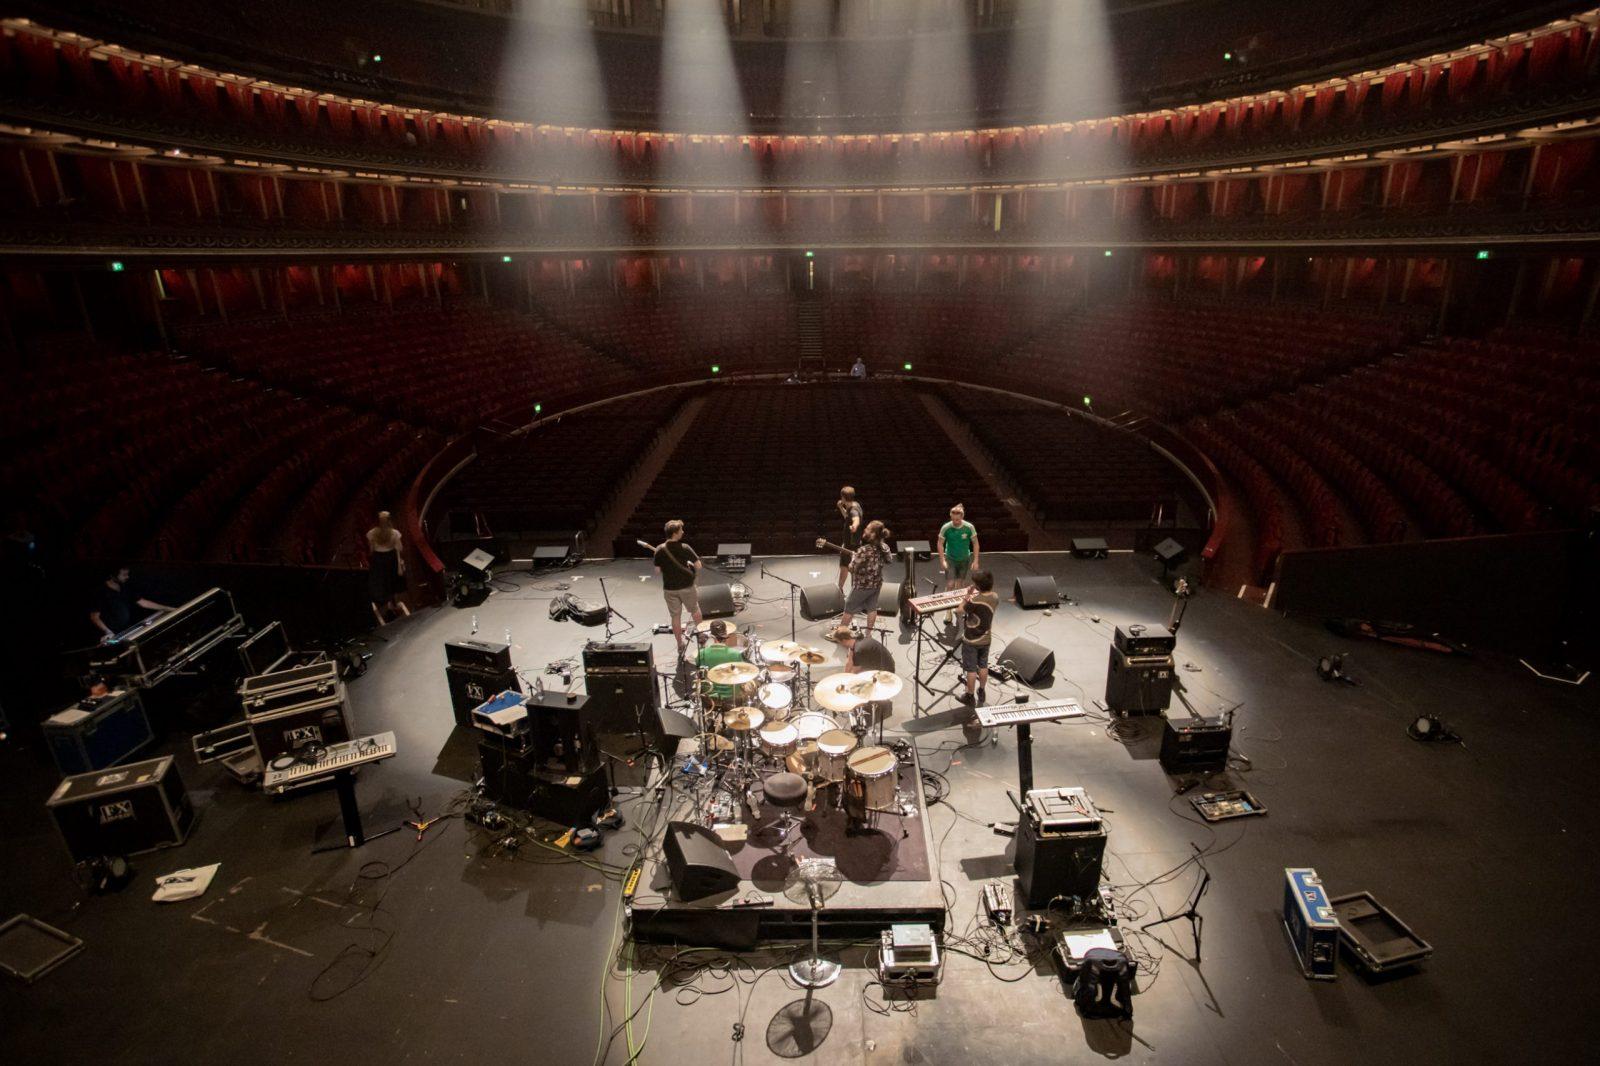 Toucan live at the royal albert hall. live music london, cmcguigan, chris mcguigan photography